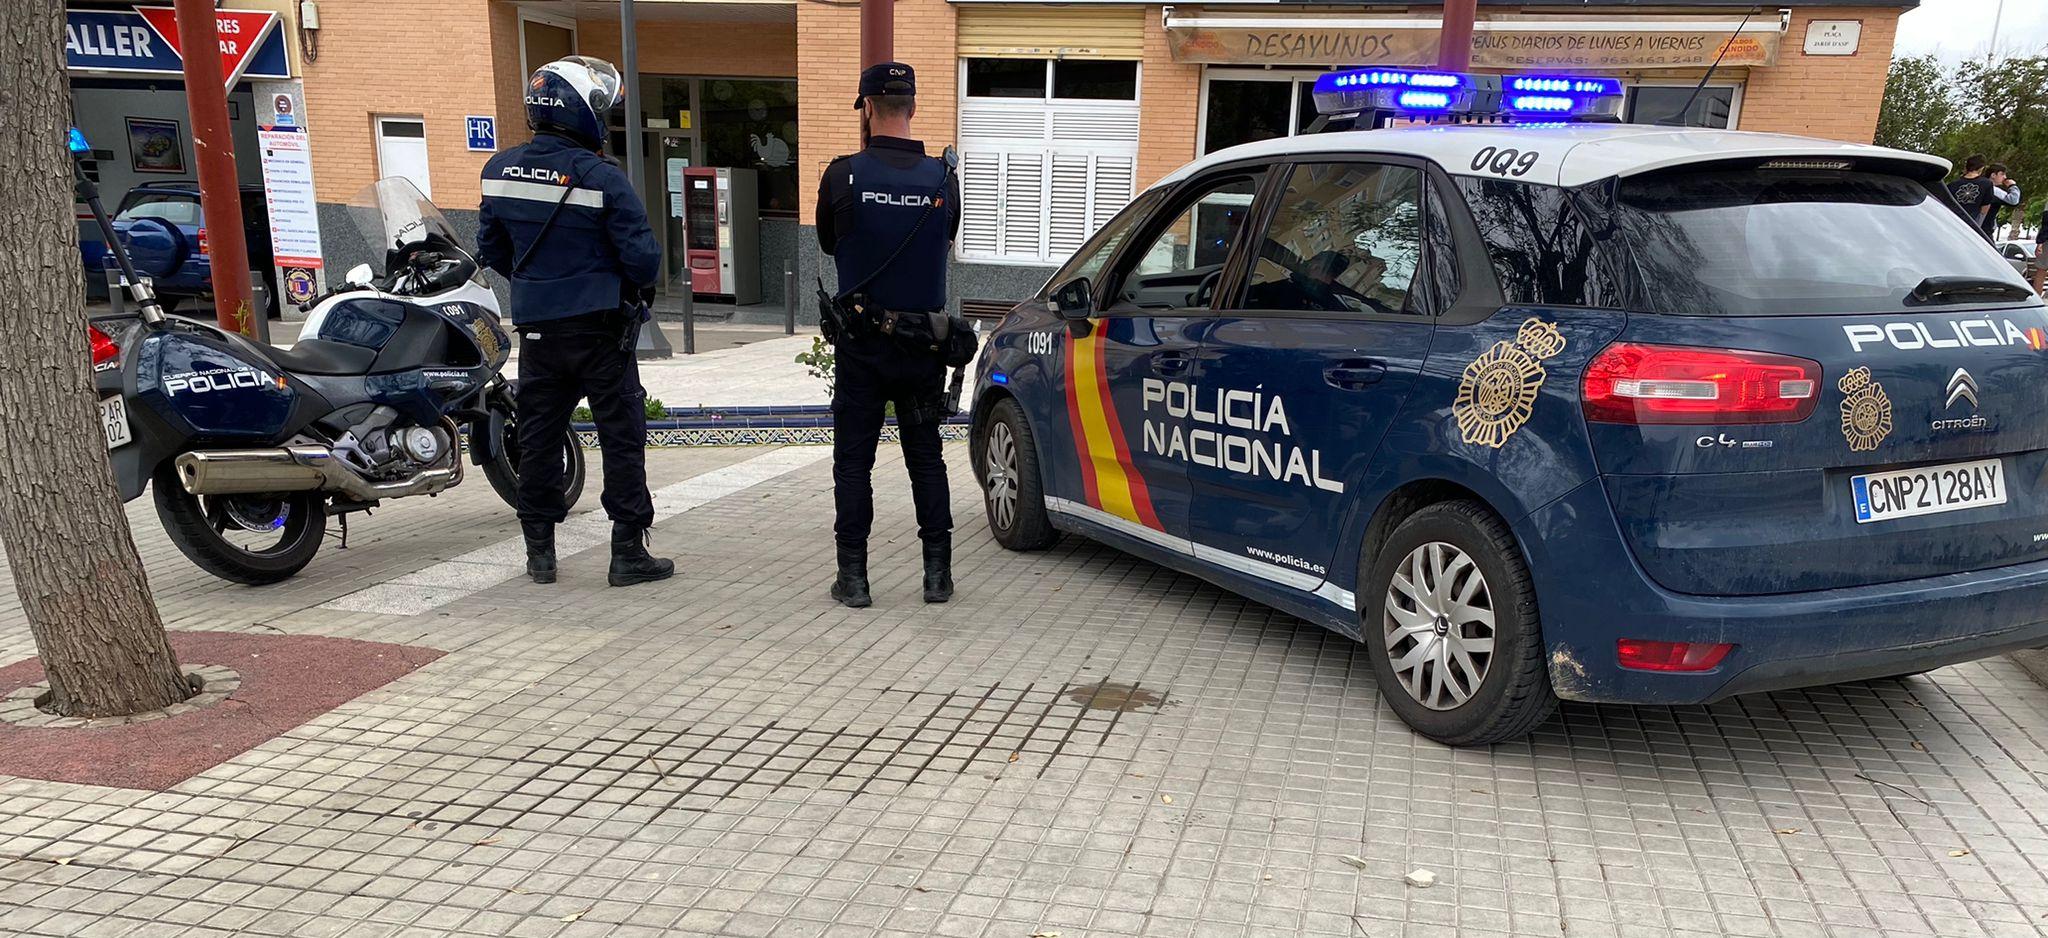 Policía Nacional de Elche